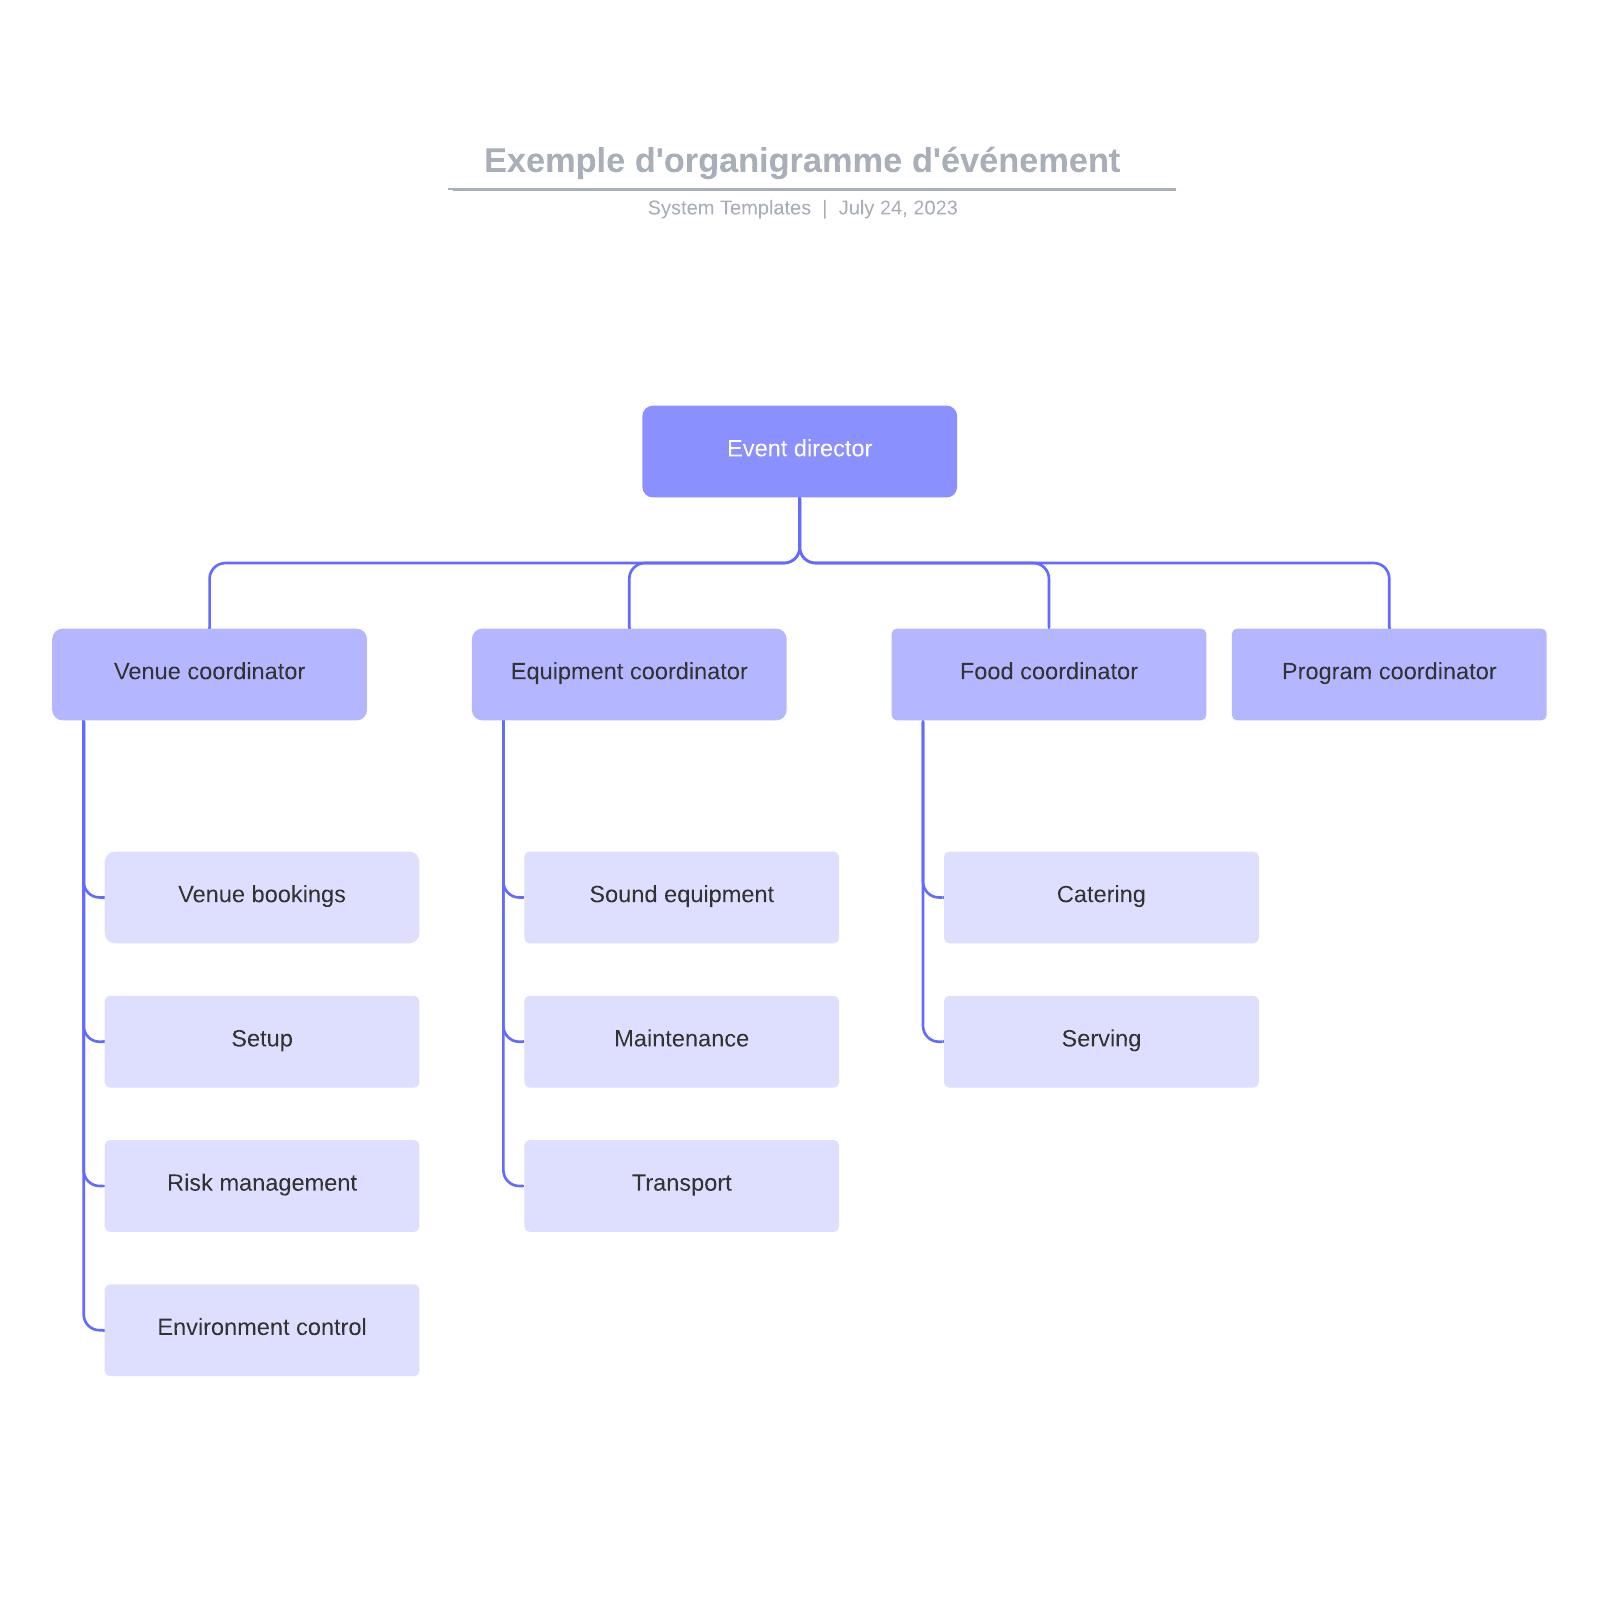 exemple d'organigramme d'événement